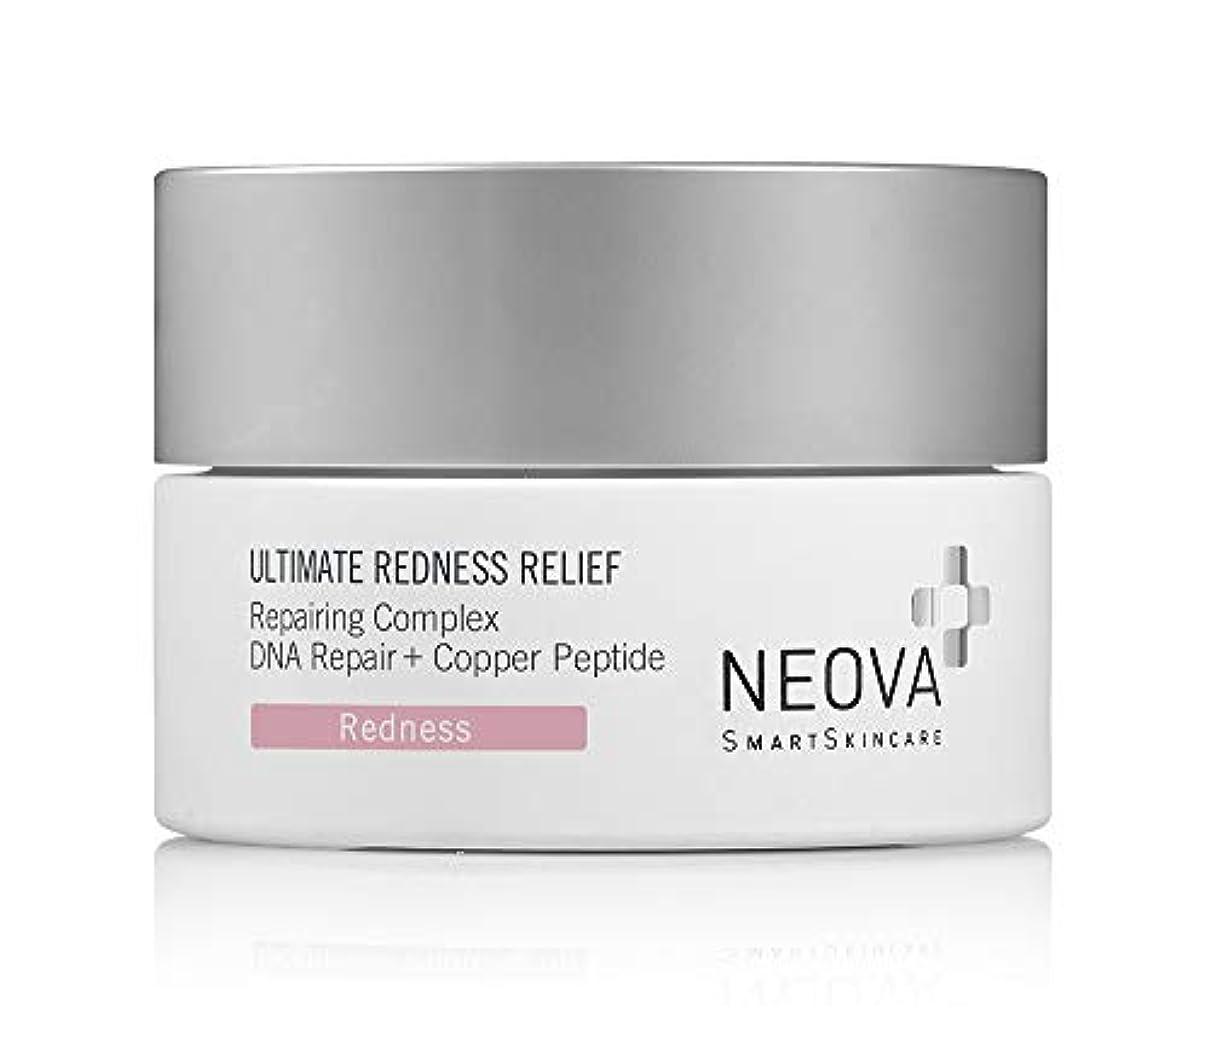 同様にお世話になった差別化するネオバ Sensitive Relief + Redness - Ultimate Redness Relief 50ml/1.7oz並行輸入品